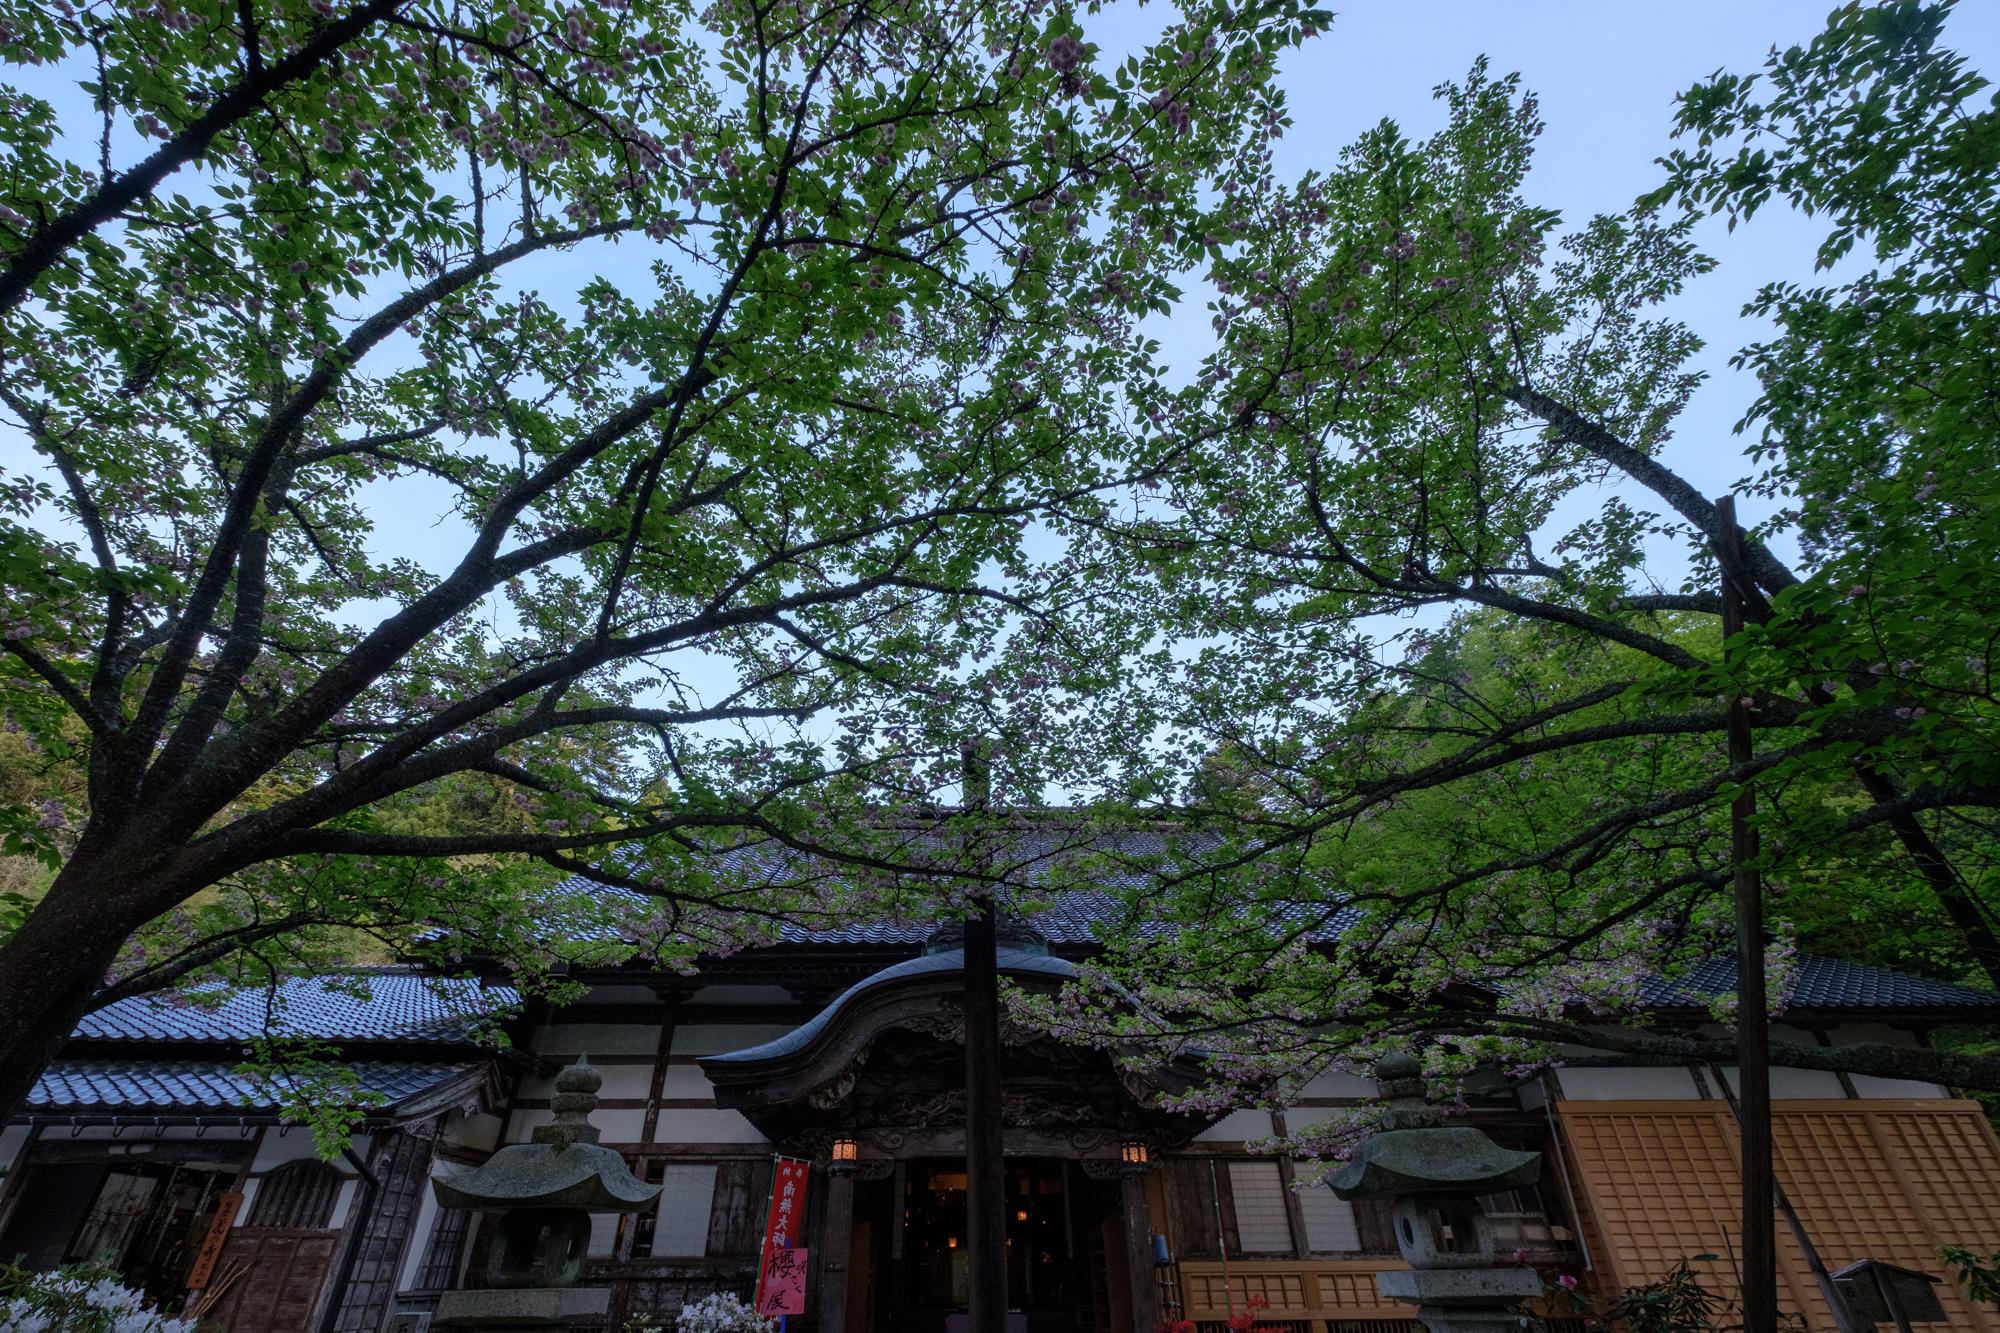 f:id:asanokawa:20190506141042j:plain